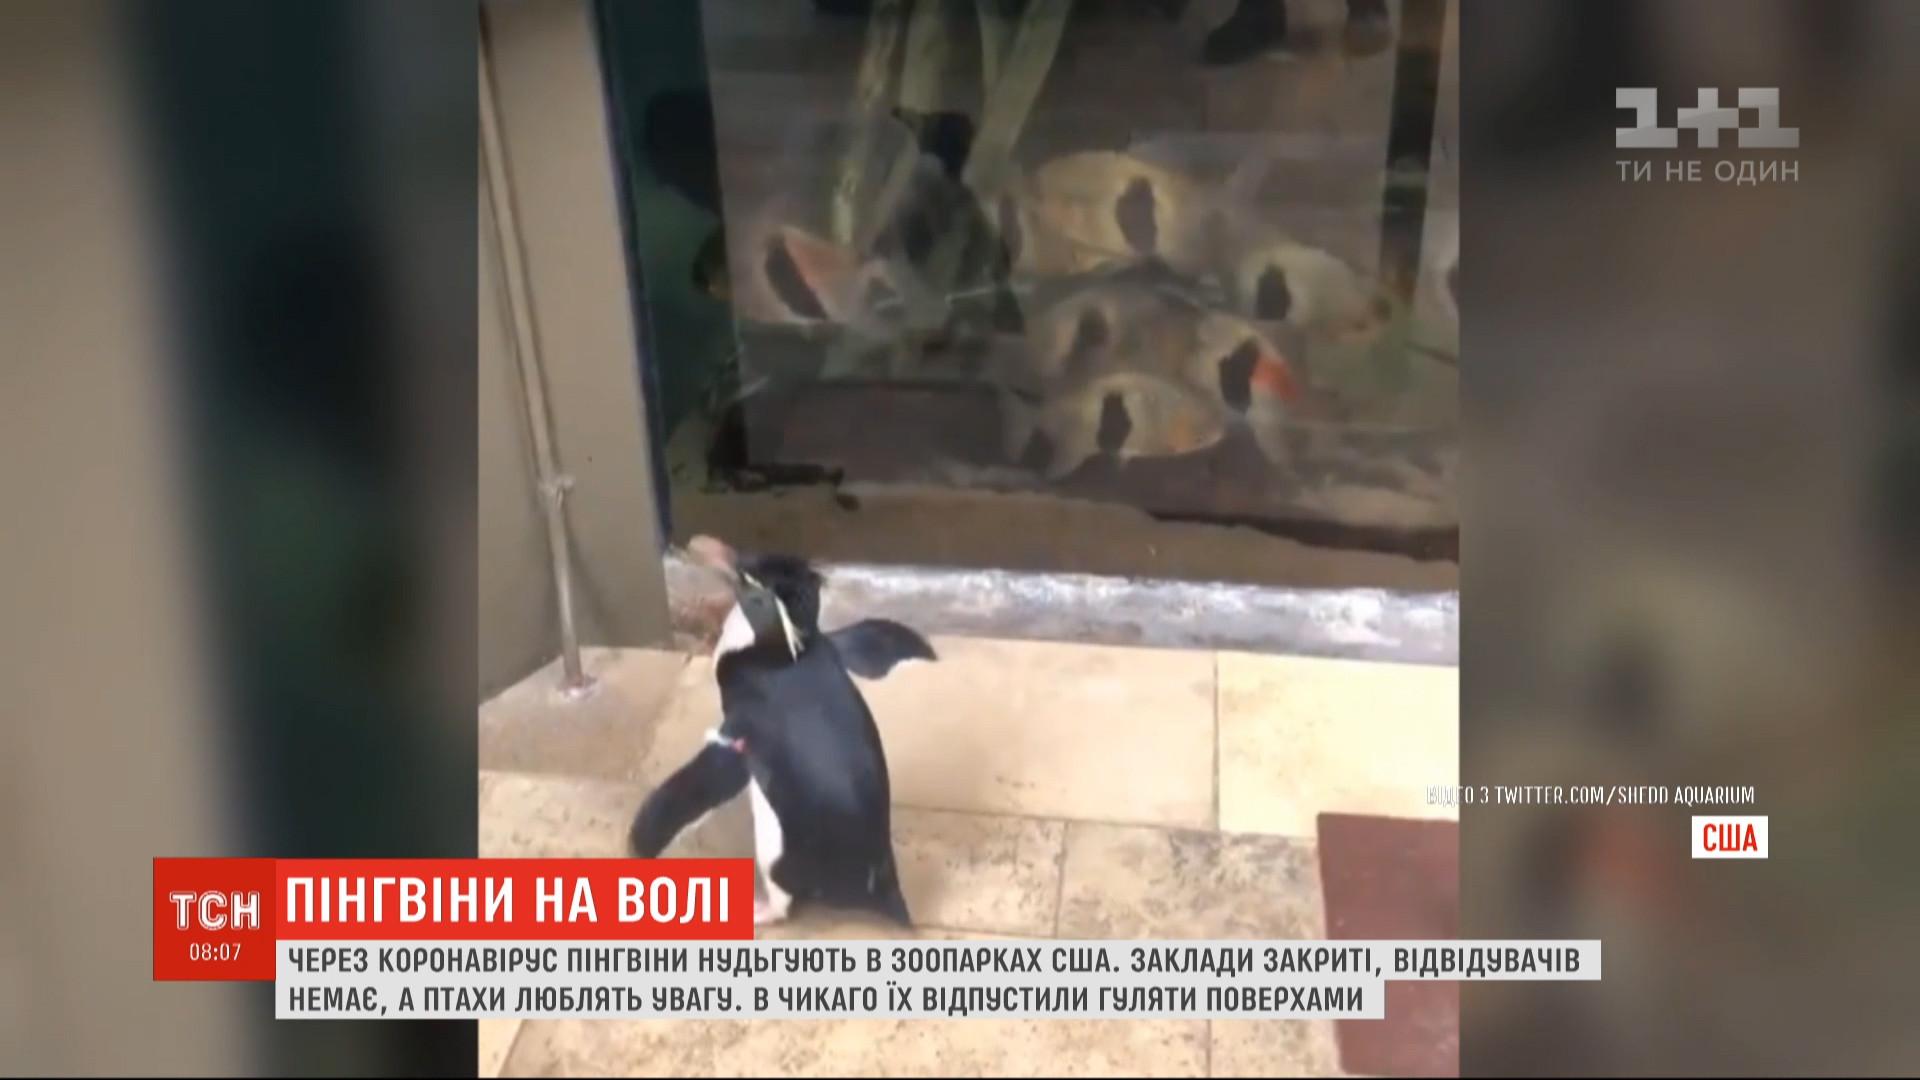 Зоологи обнародовали видео, как пингвины топчутся между аквариумов и с интересом рассматривают там рыбок / скриншот